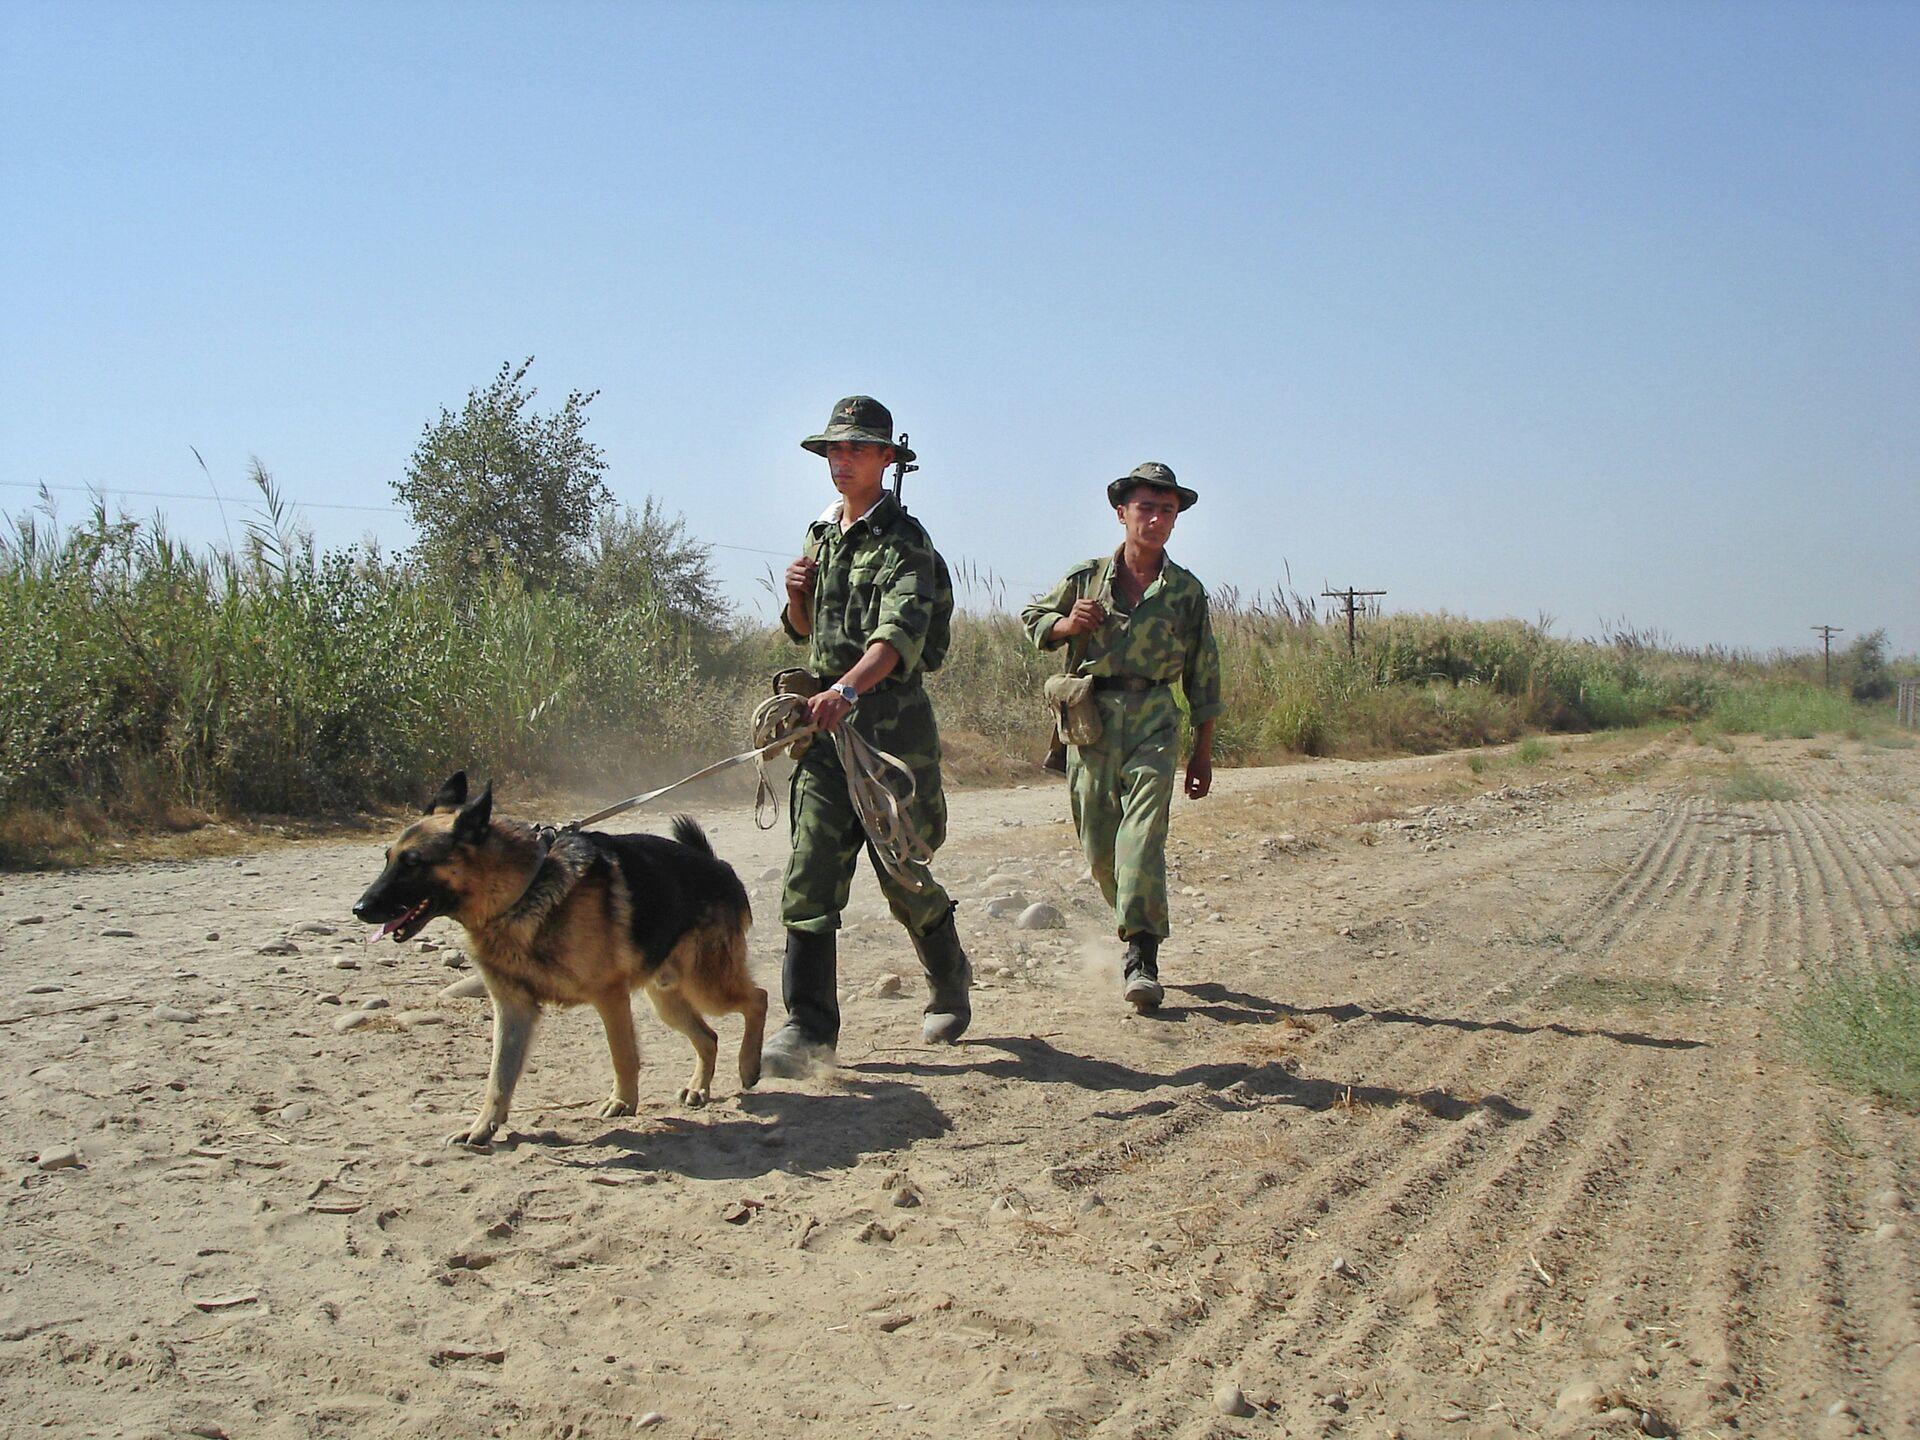 Таджикские пограничники на таджикско-афганской границе - РИА Новости, 1920, 01.07.2021